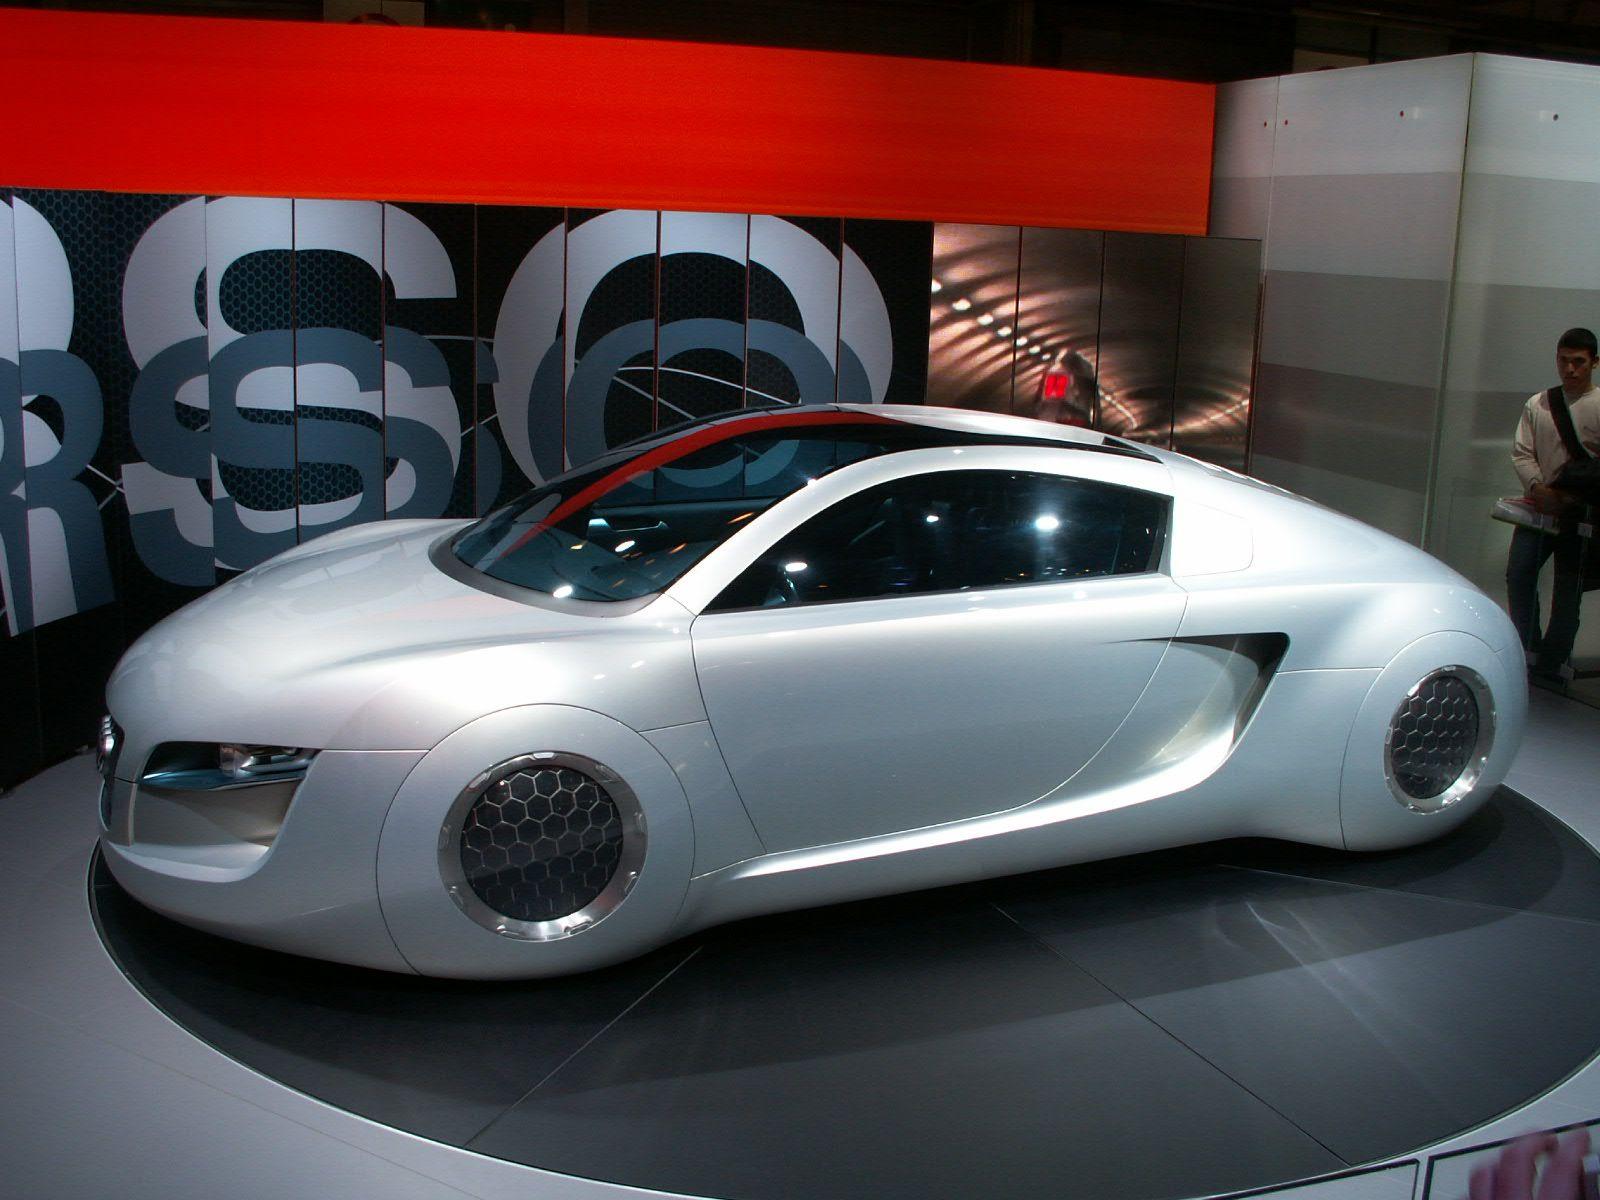 11c34a92347ea3fd598f20f3f3e1ba75 Mesmerizing Porsche 918 Spyder London Ontario Cars Trend